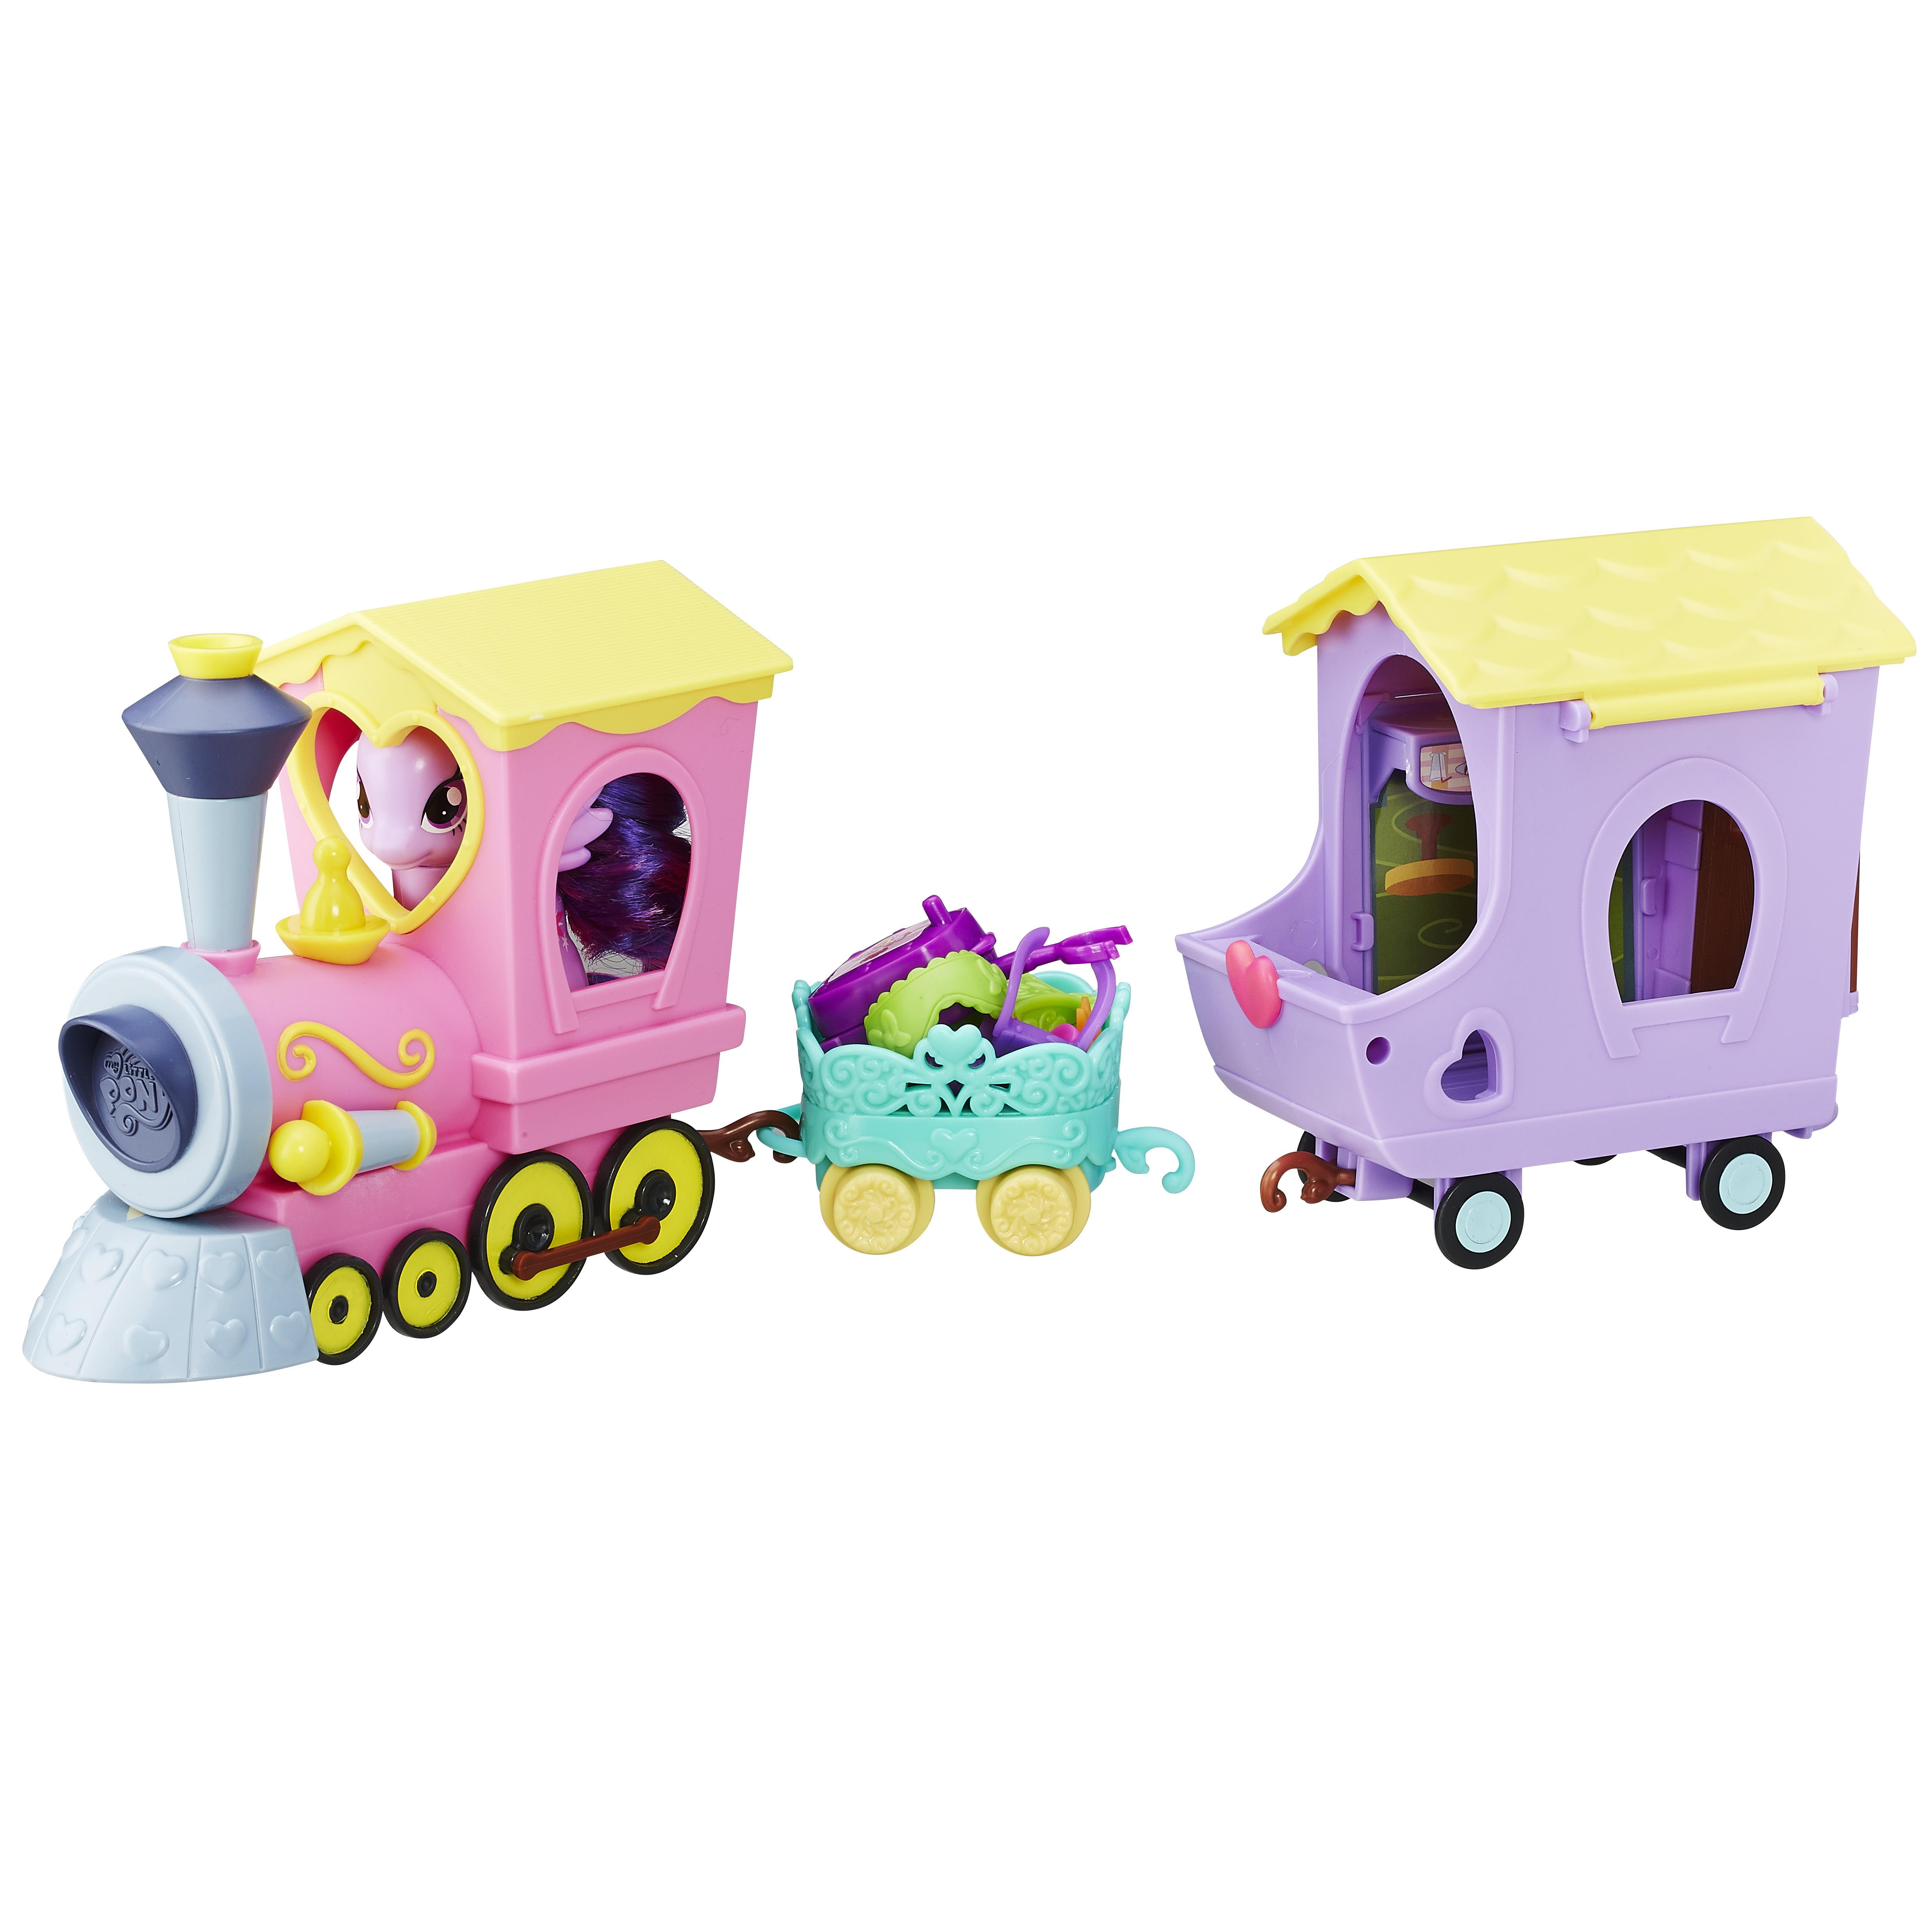 Игровой набор Hasbro Поезд Дружбы артюхова и сост английский язык 7 класс